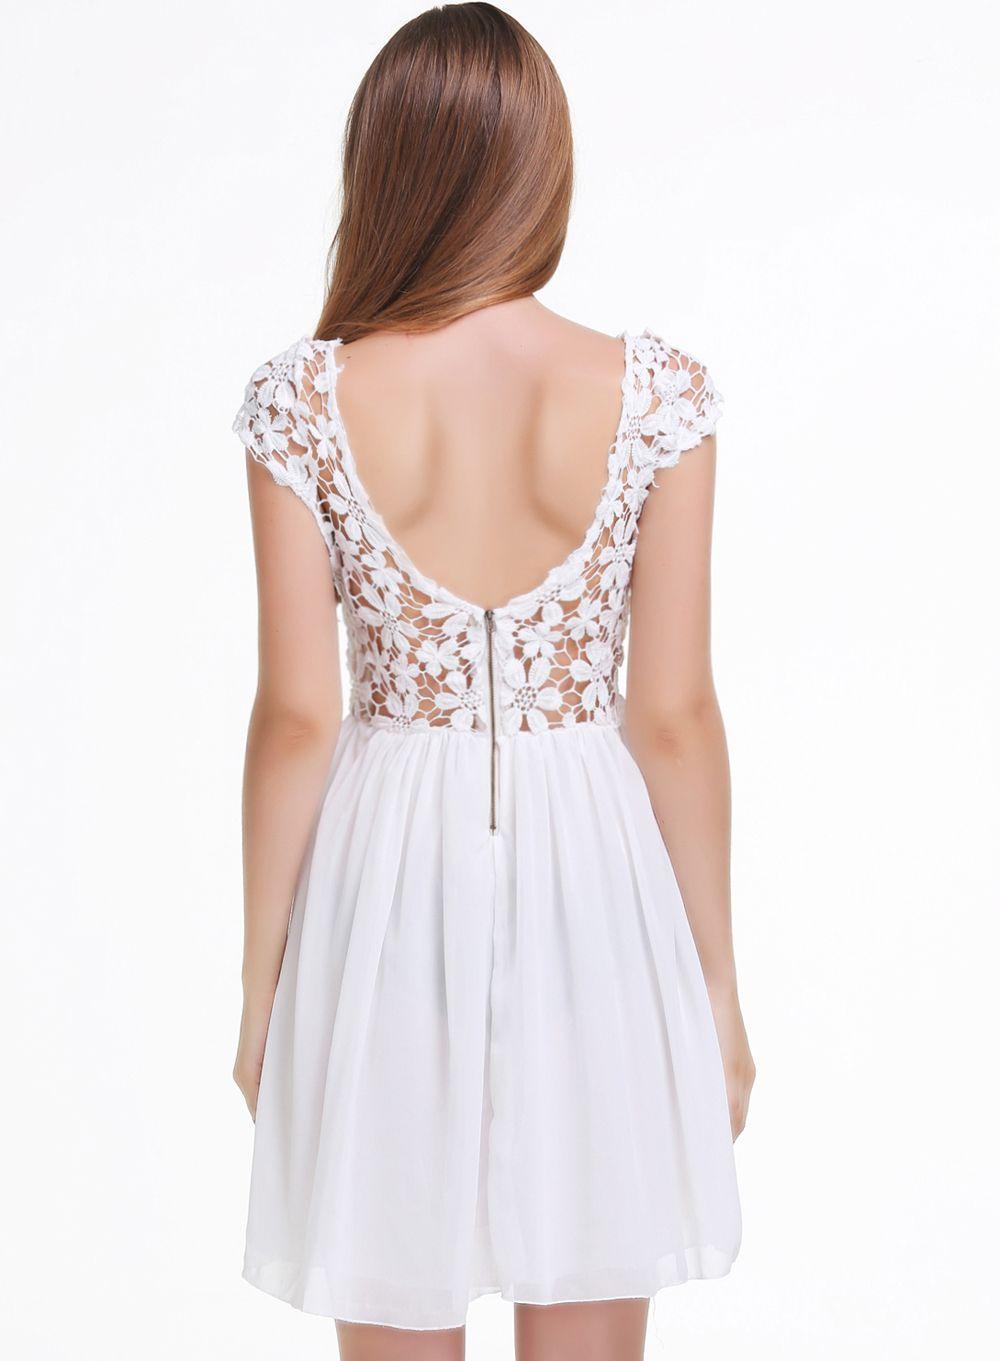 plissiertes Kleid mit all-over Häkelspitze, weiß-Sheinside | Outfits ...